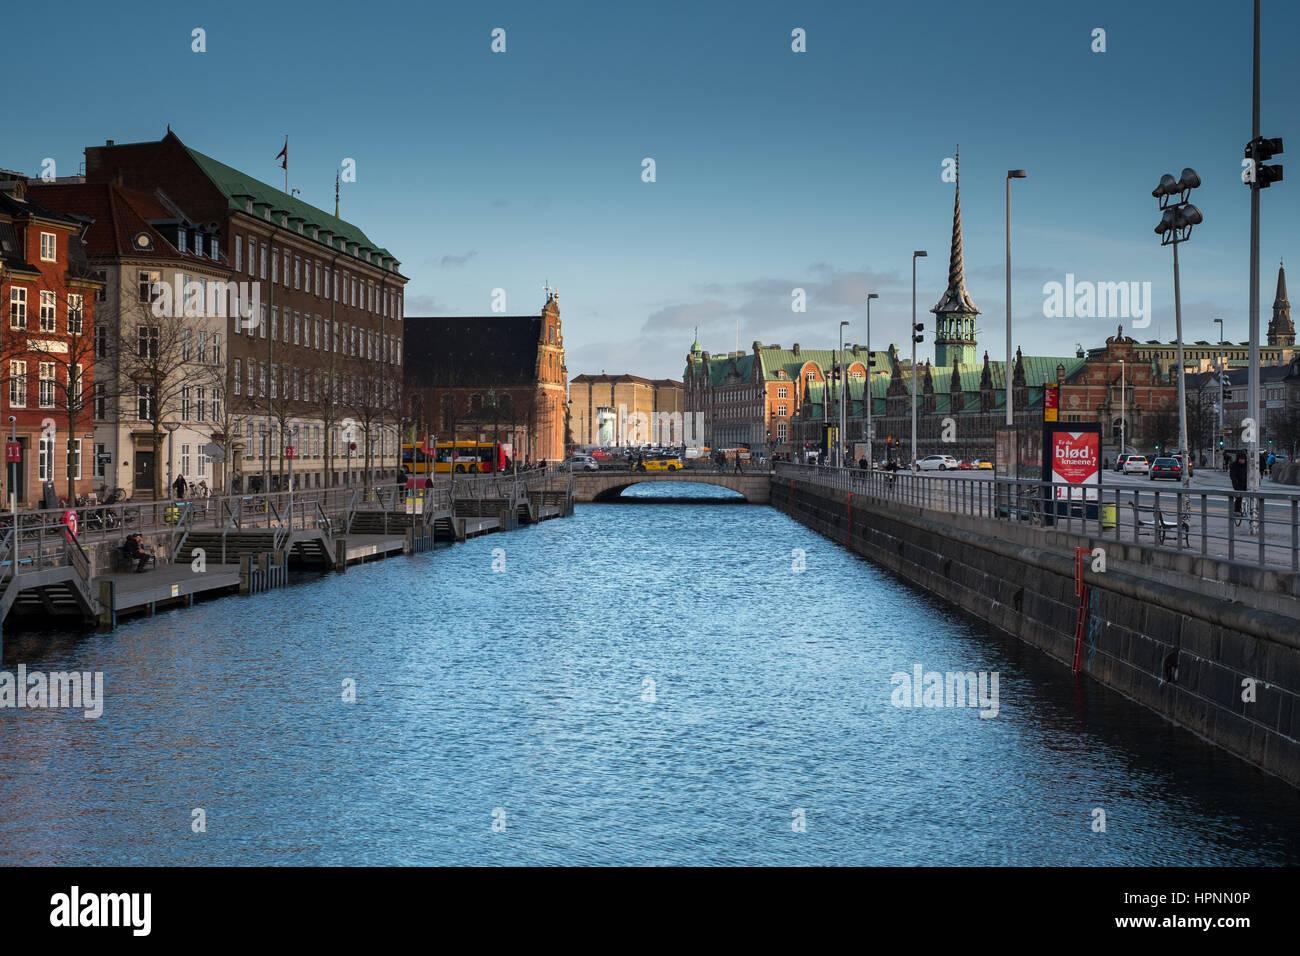 Børsen Stock Exchange Copenhagen by canal - Stock Image